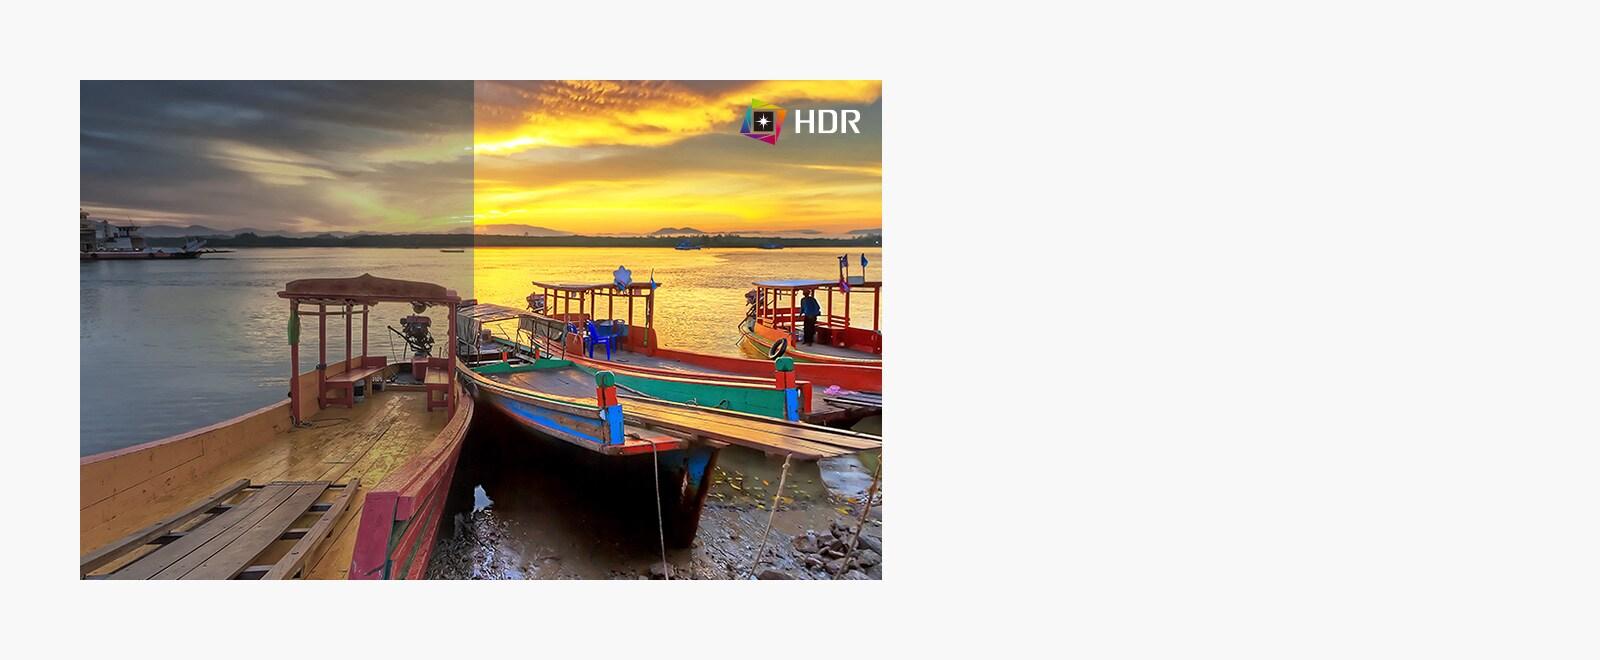 Technologia HDR zapewnia znacznie lepsze odwzorowanie barw niż SDR